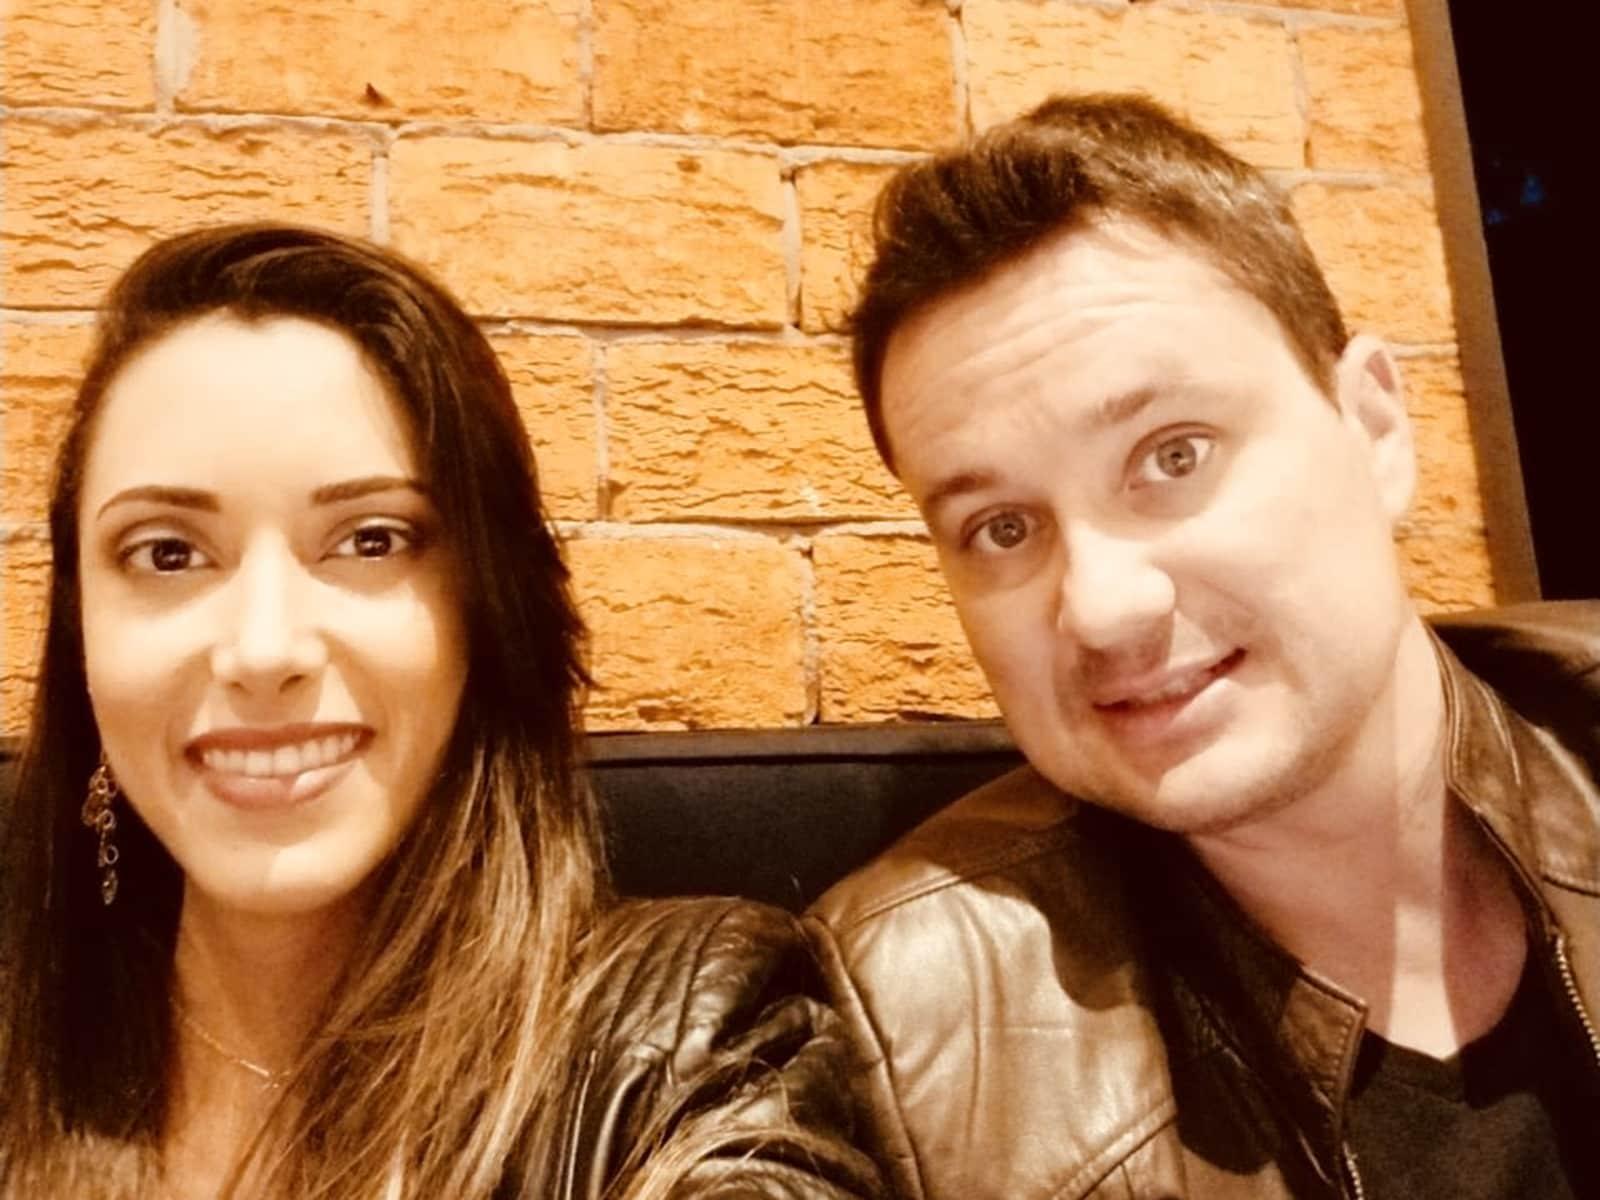 Jean & Ivana from Brasília, Brazil